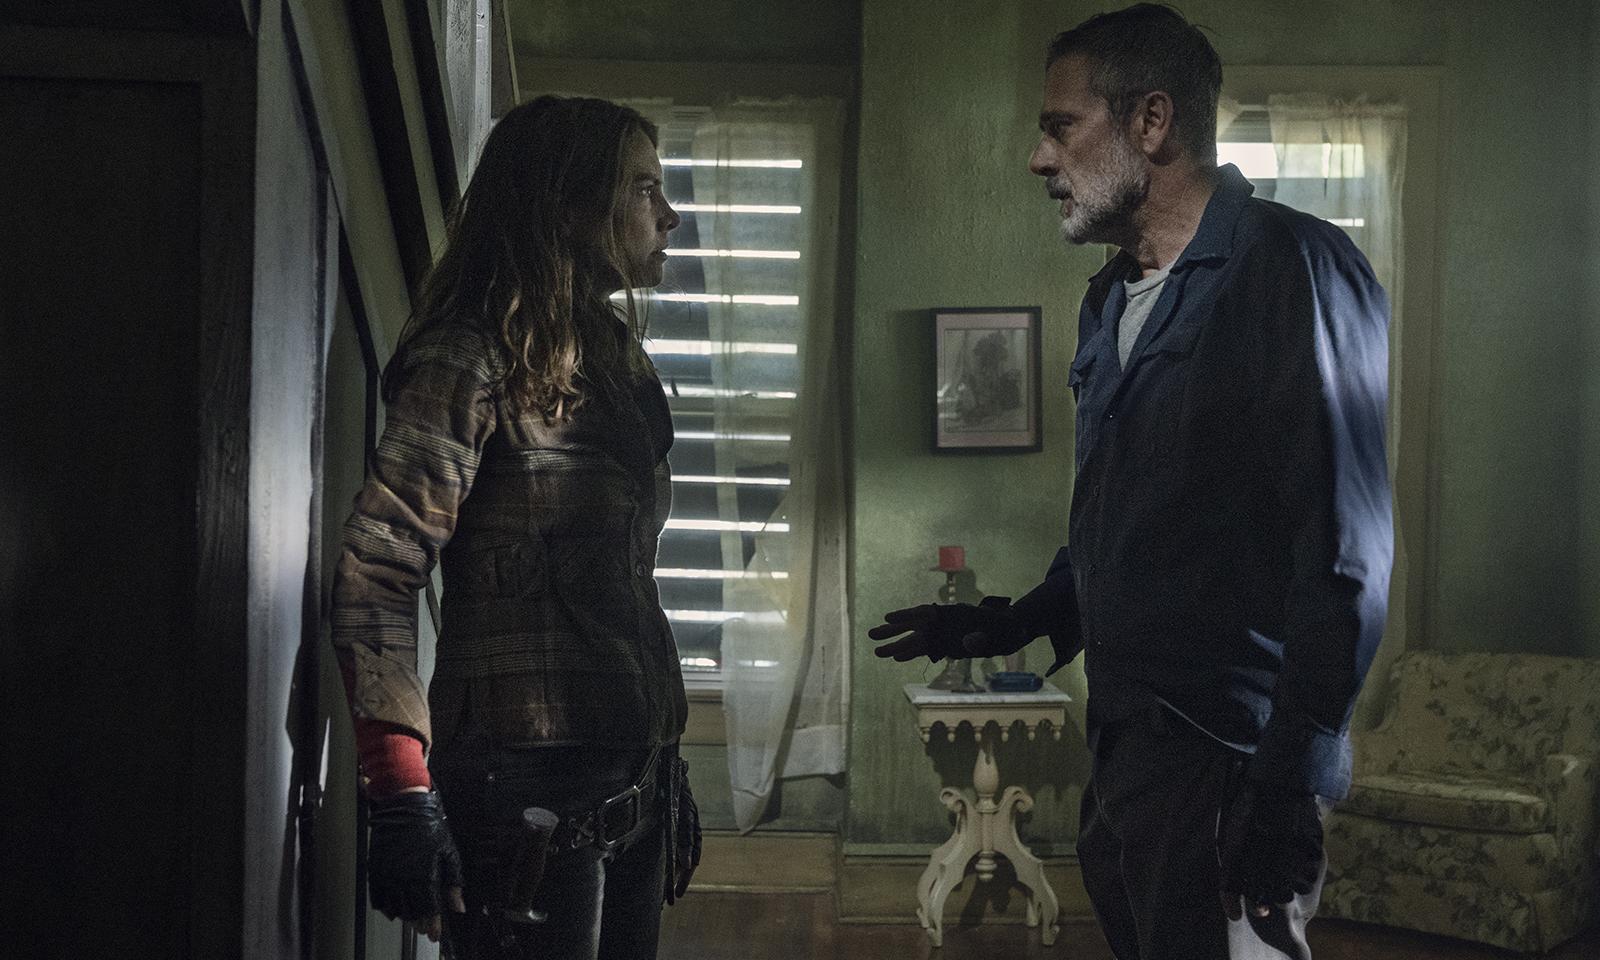 Maggie e Negan conversando em um local desconhecido em um episódio da 11ª e última temporada de The Walking Dead.